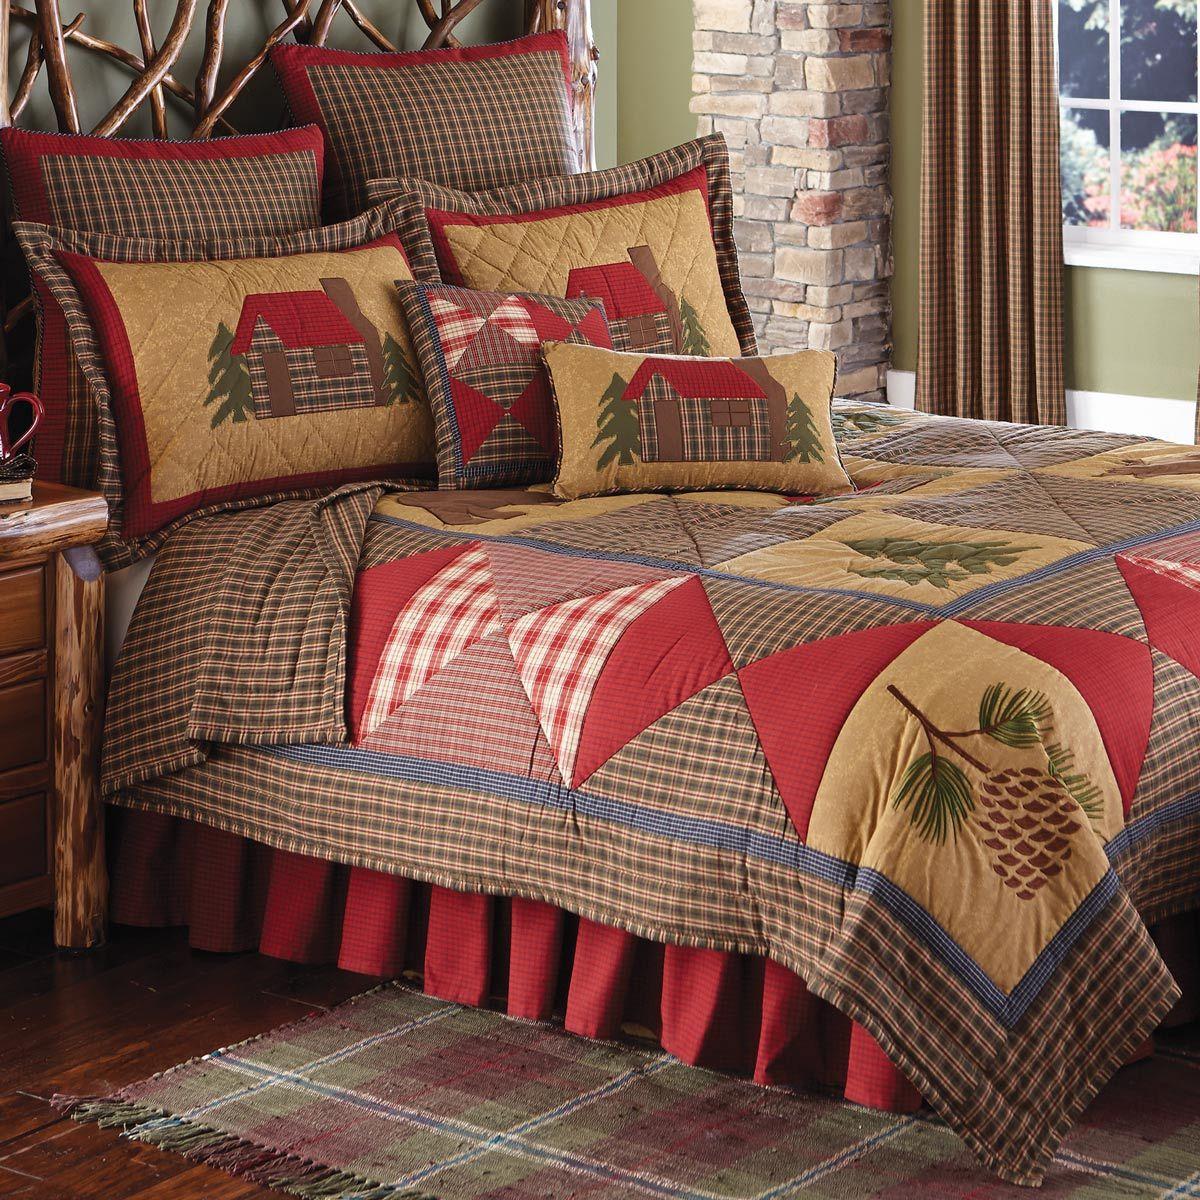 Cozy Cabin Quilt Queen Rustic bedding, Bed design